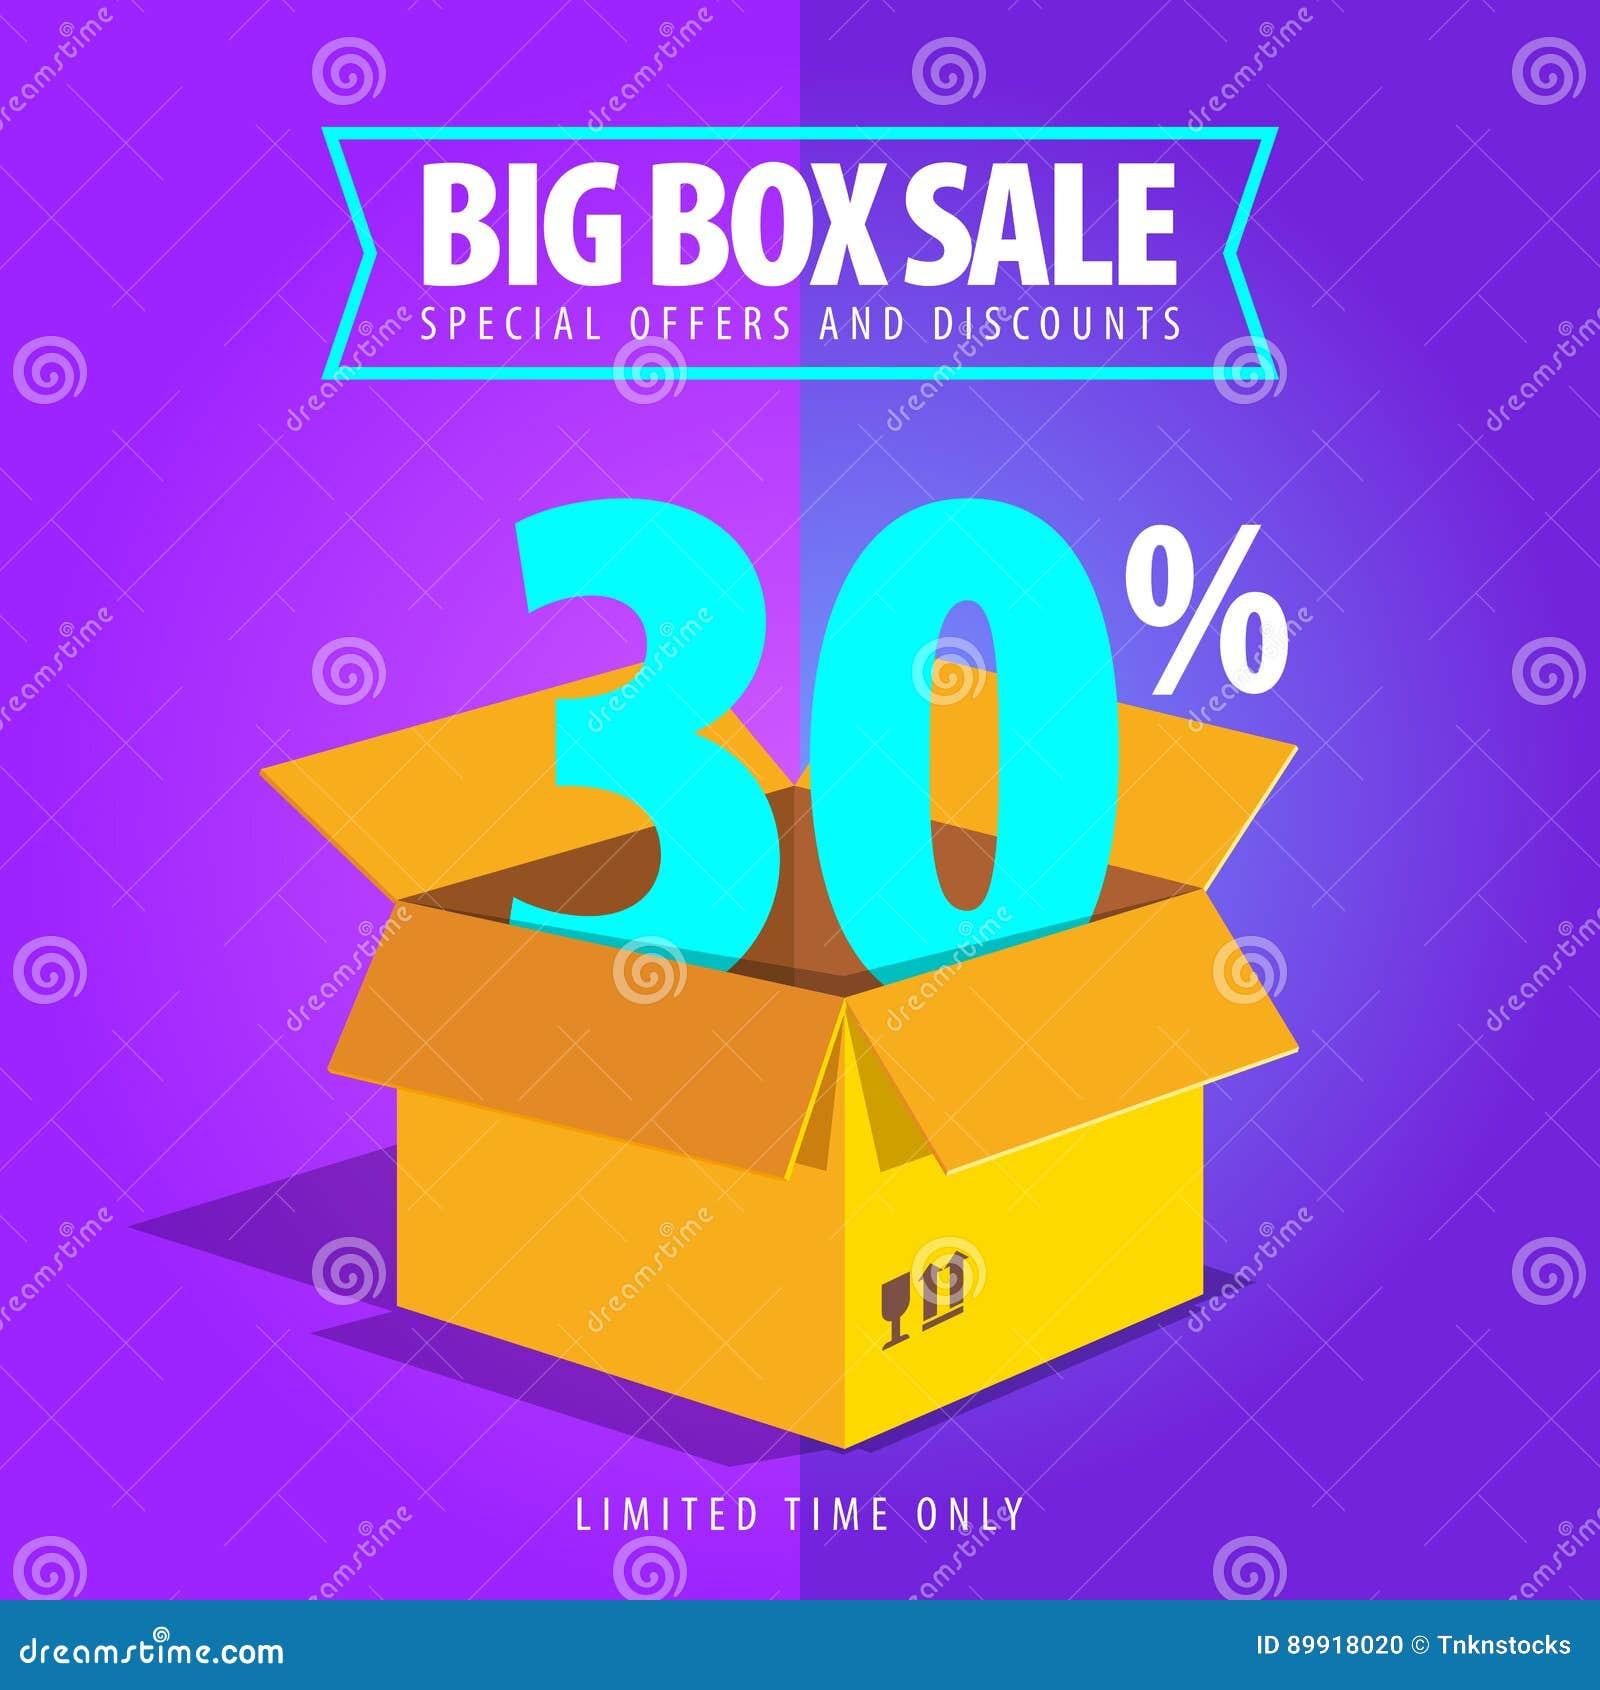 Venta grande de la caja, ofertas especiales y descuentos